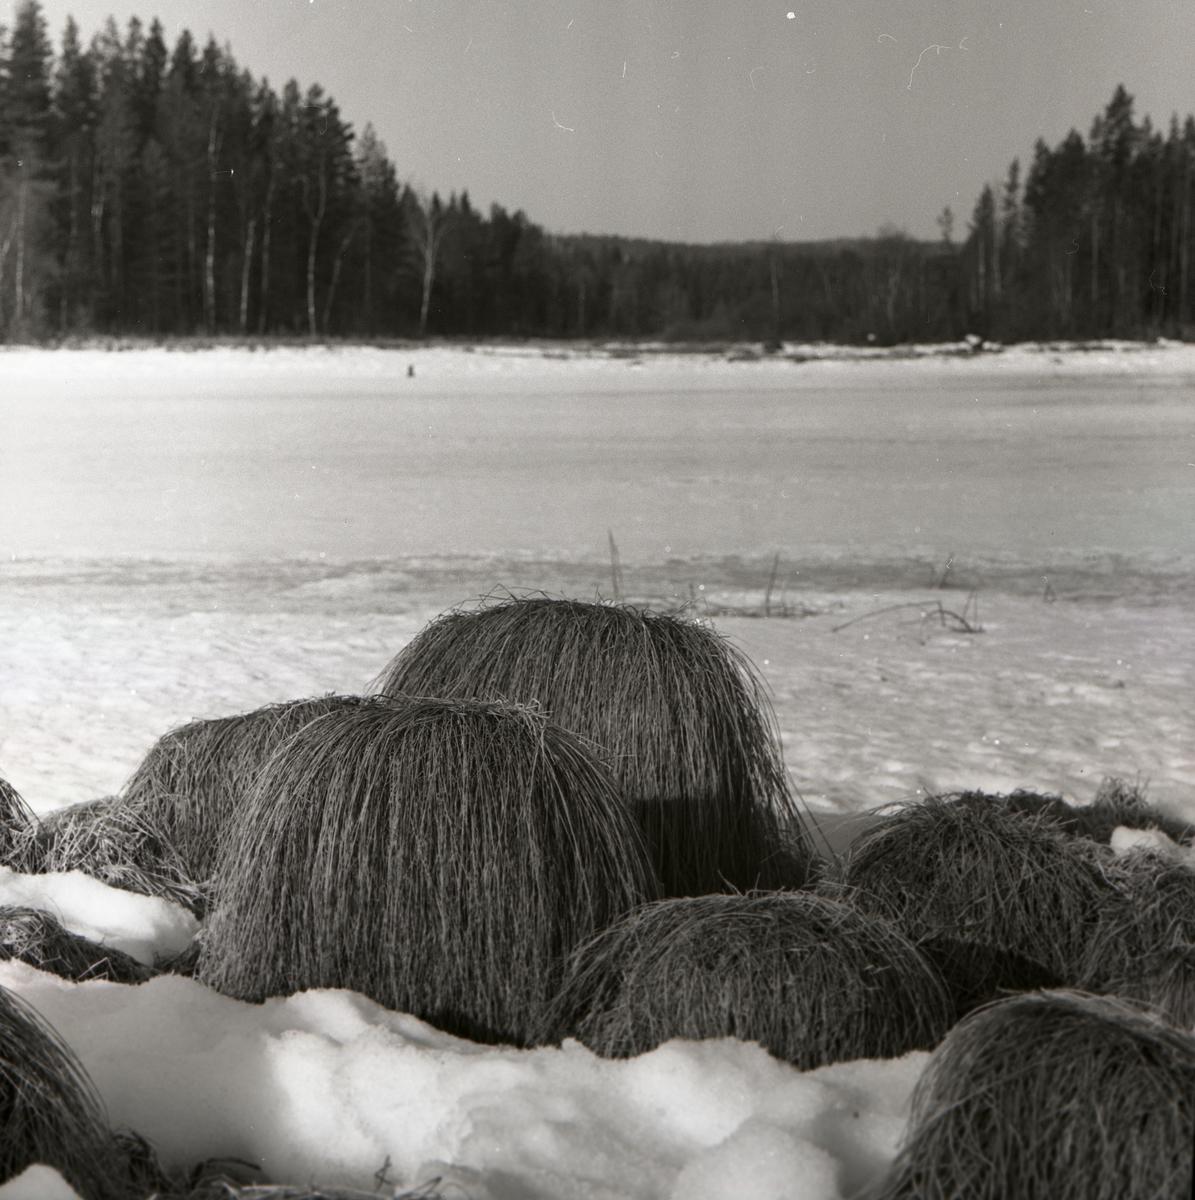 Uppstickande grästuvor på snötäckt mark med skog i bakgrunden.